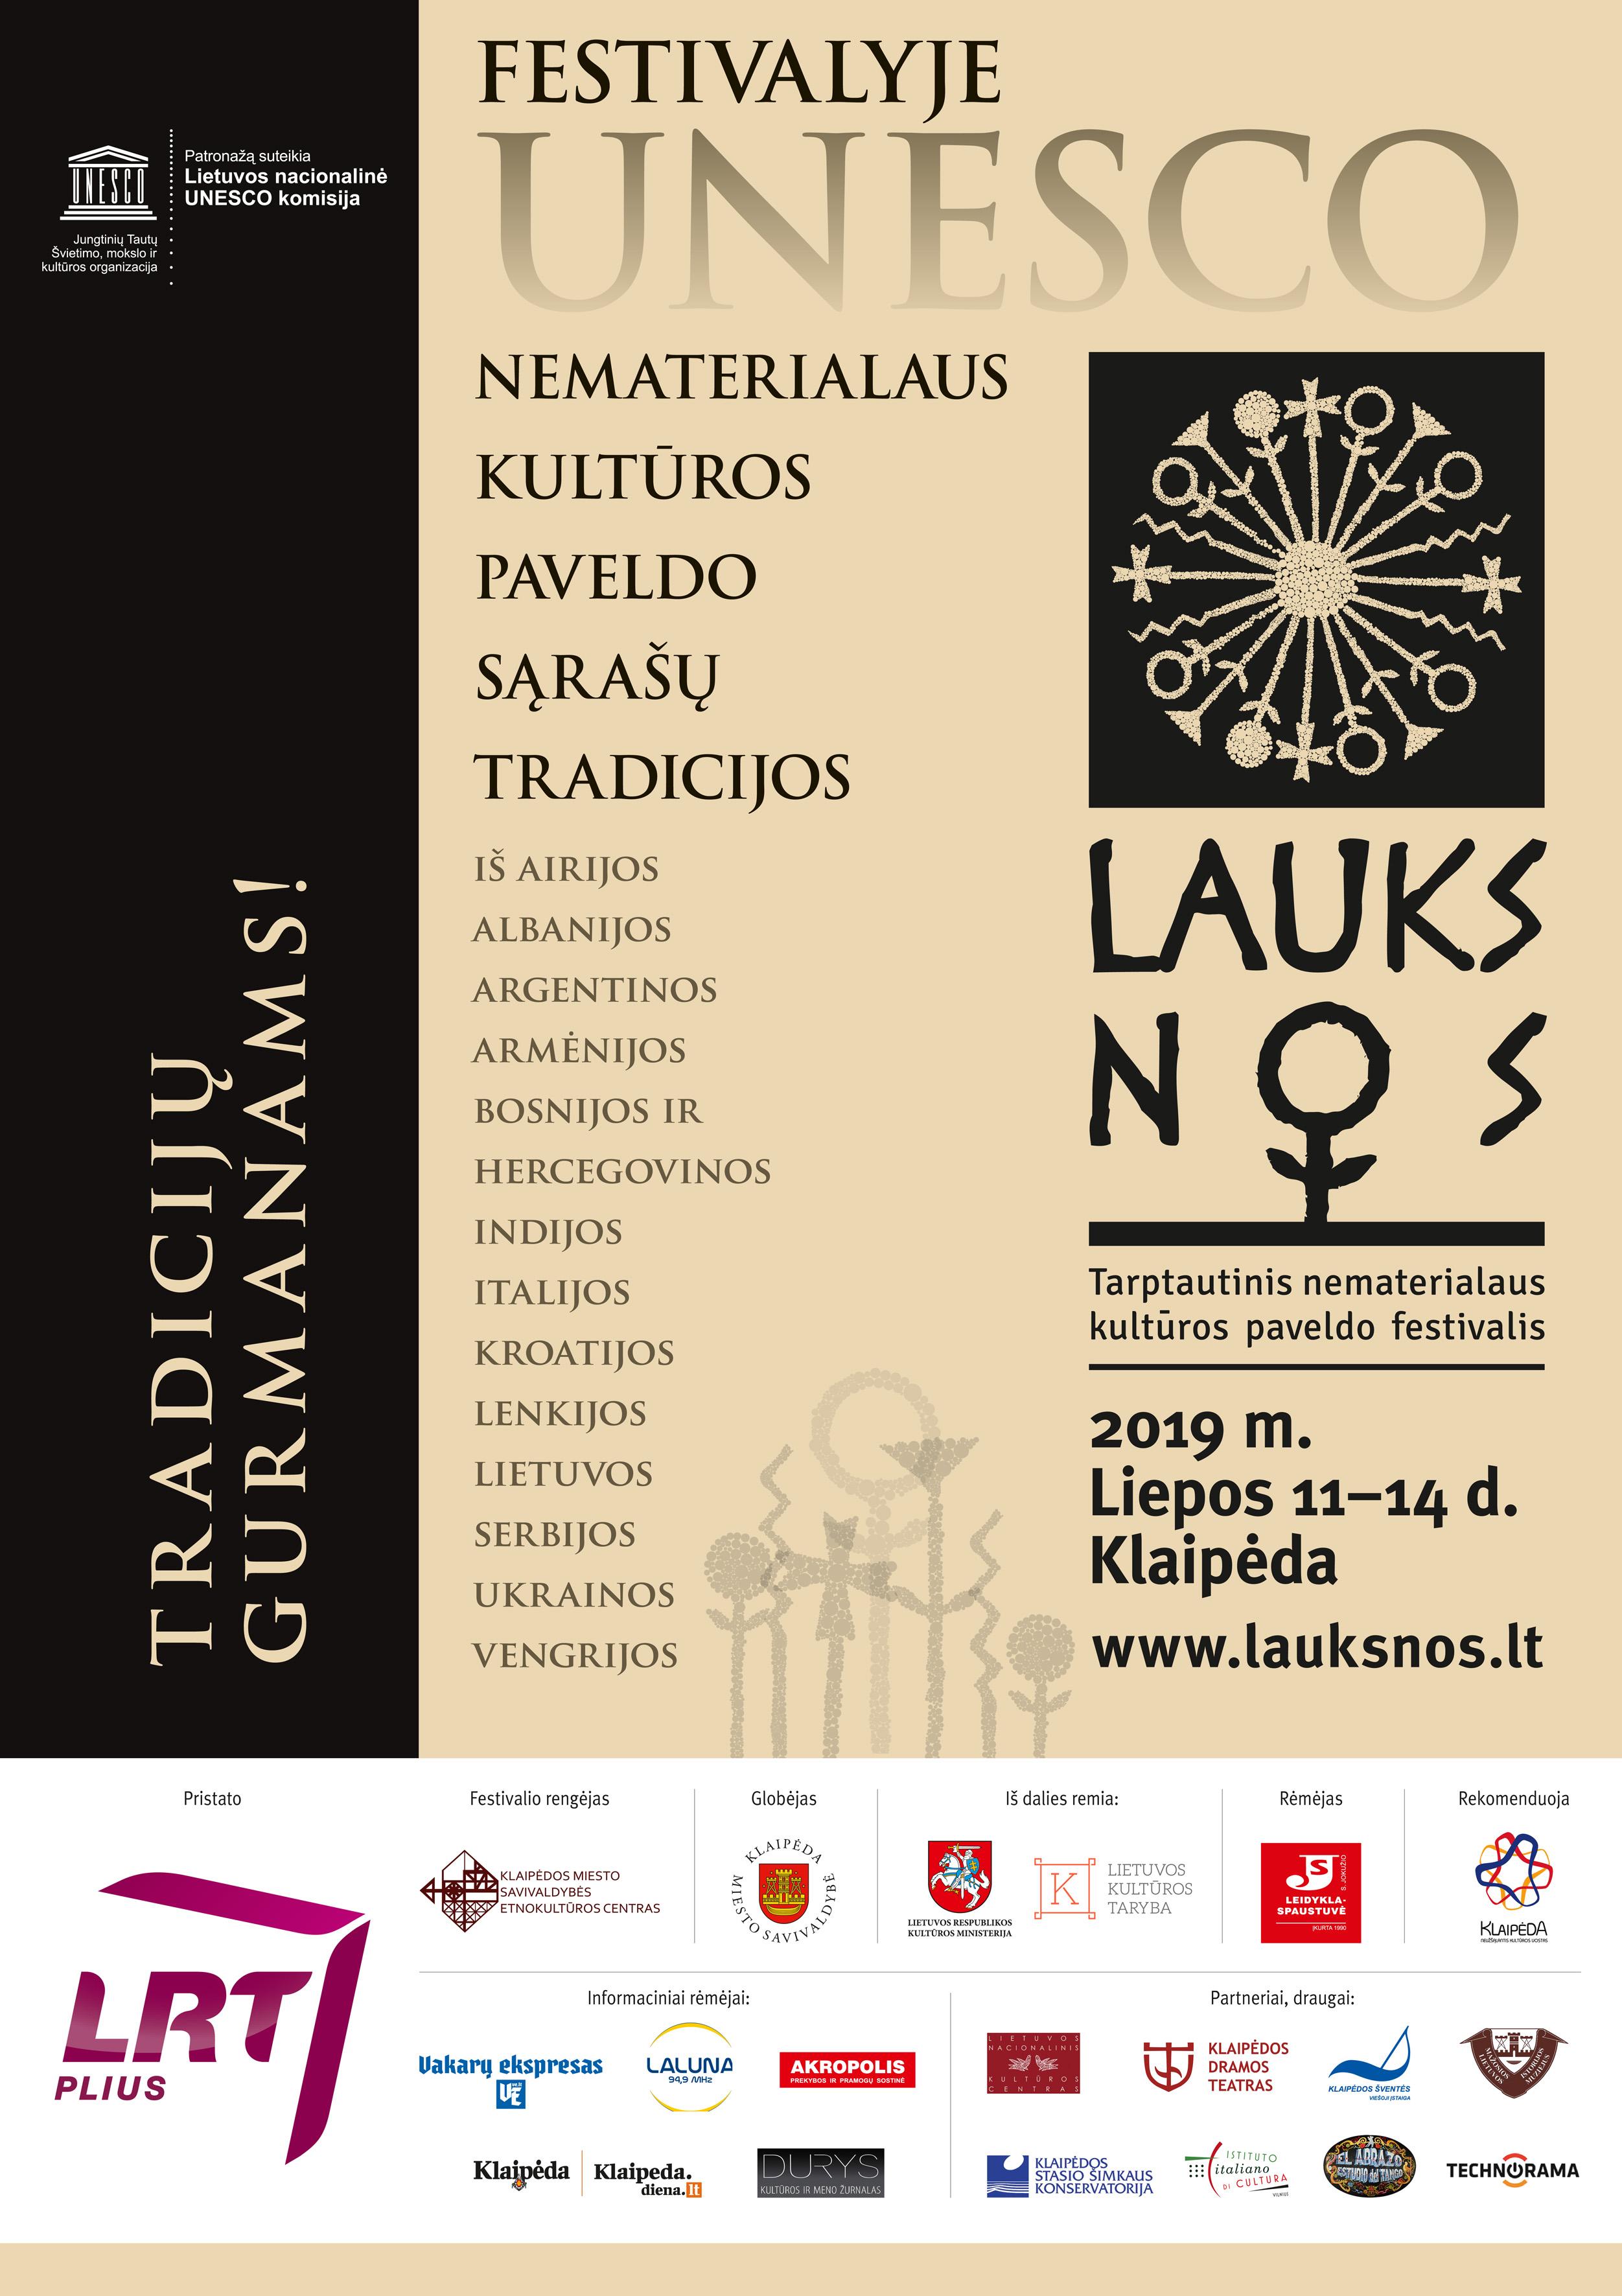 Renginys LAUKSNOS liepos 11-14 d. Klaipėda, programa | Klaipėdos etnokultūros centro nuotr.